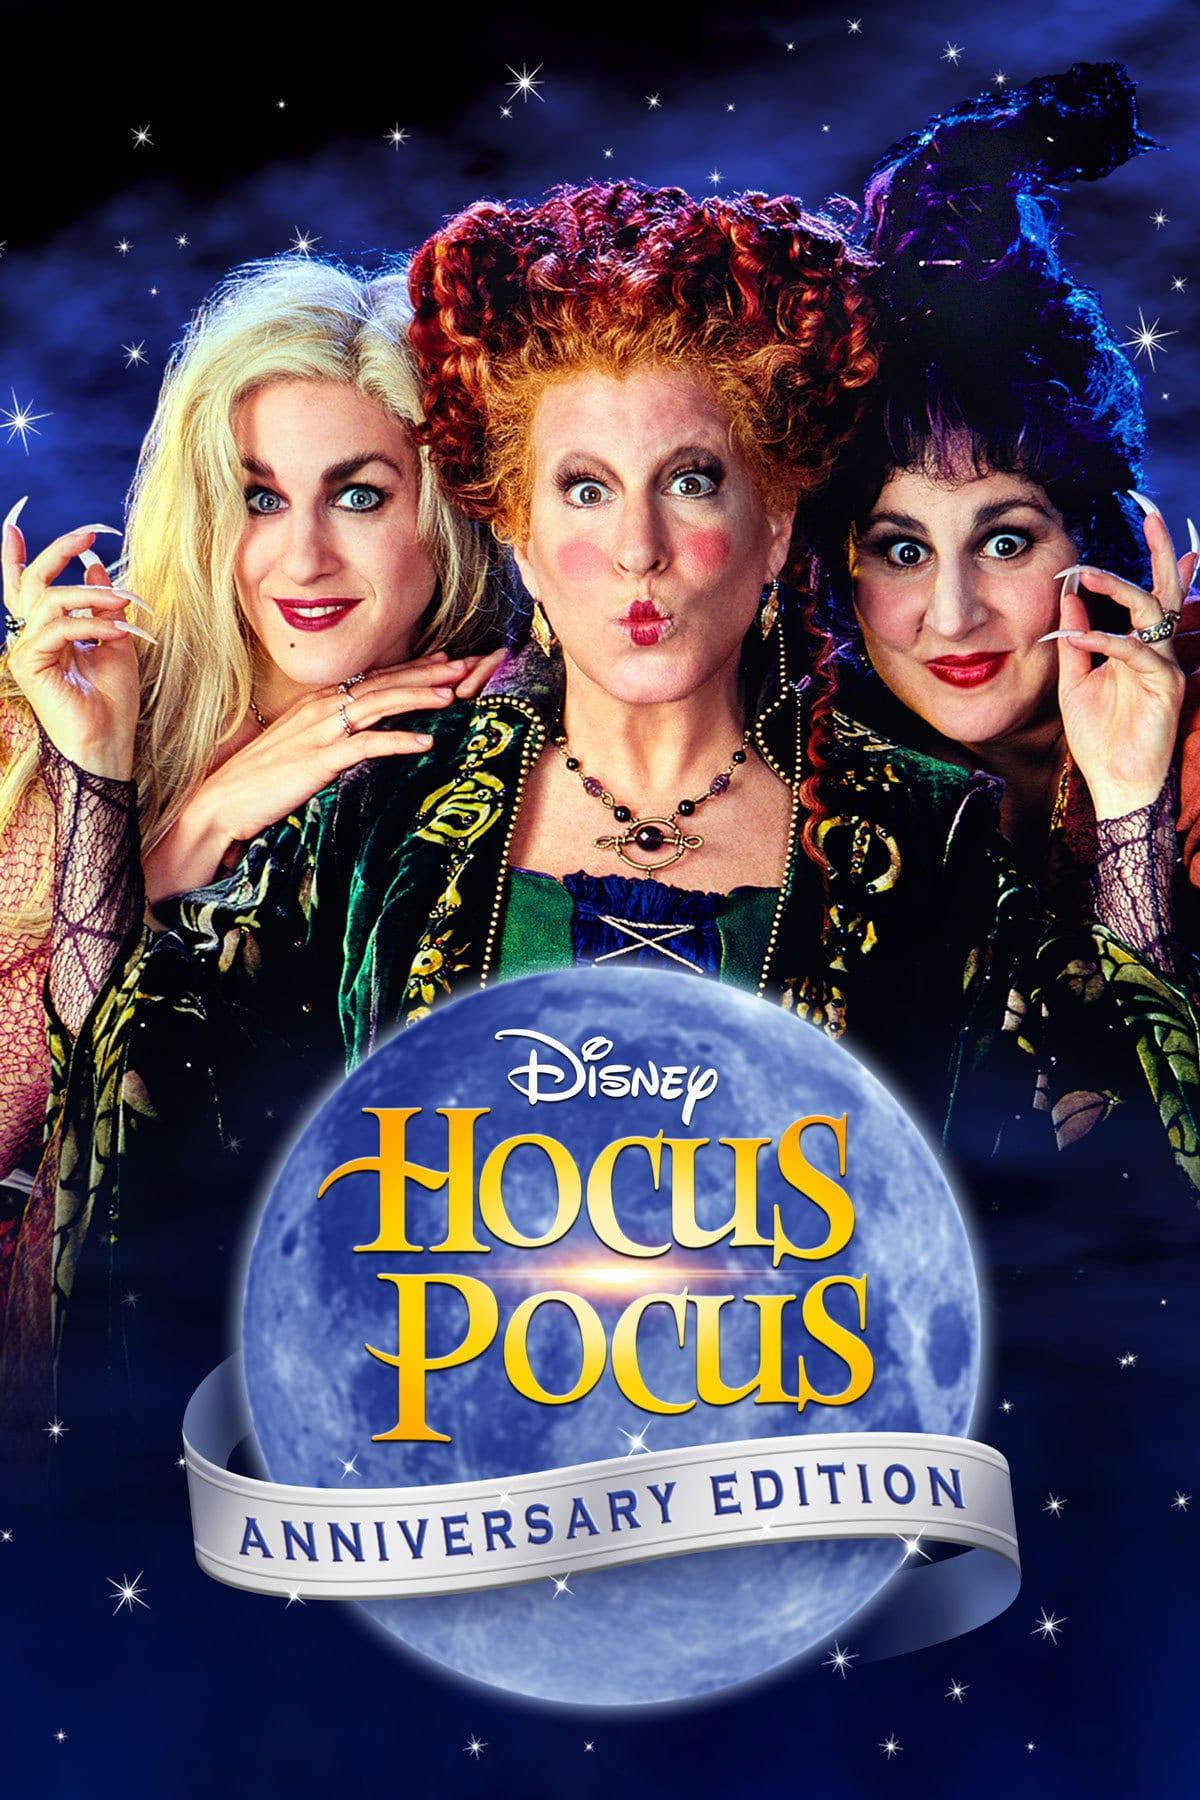 Thursday Movie Series: Hocus Pocus